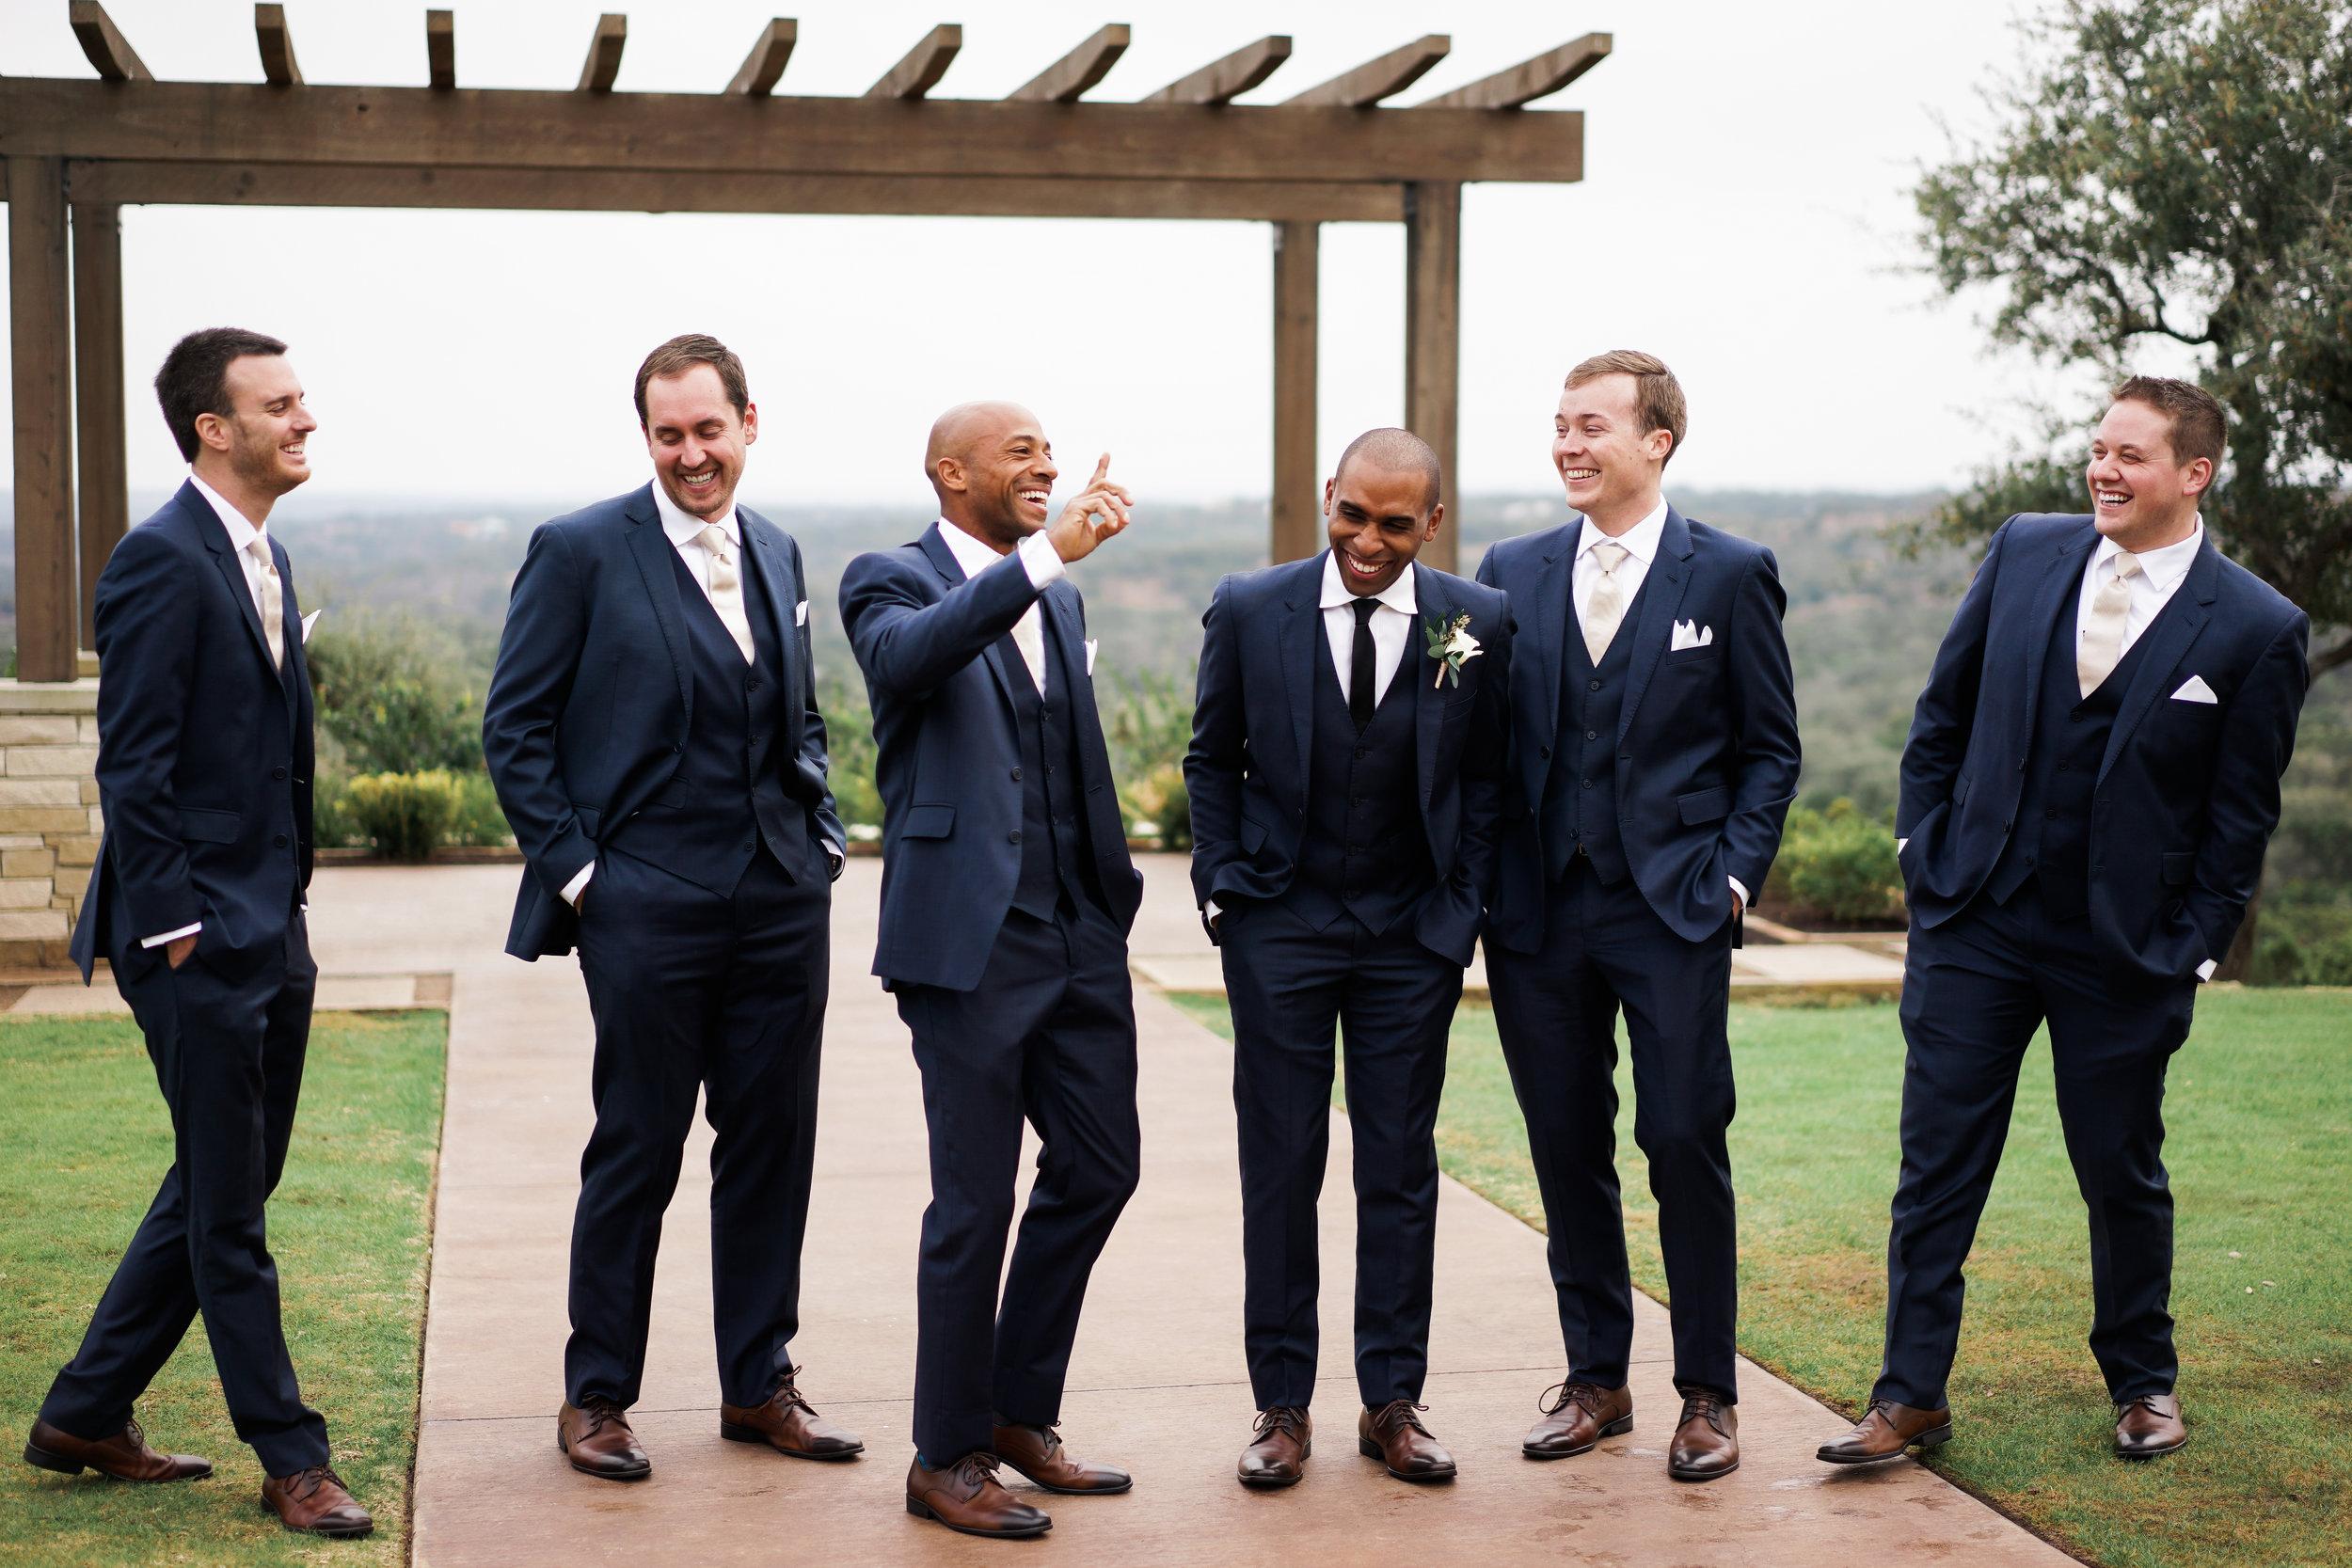 Canyonwood Ridge wedding photographer based out of Austin, Texas.